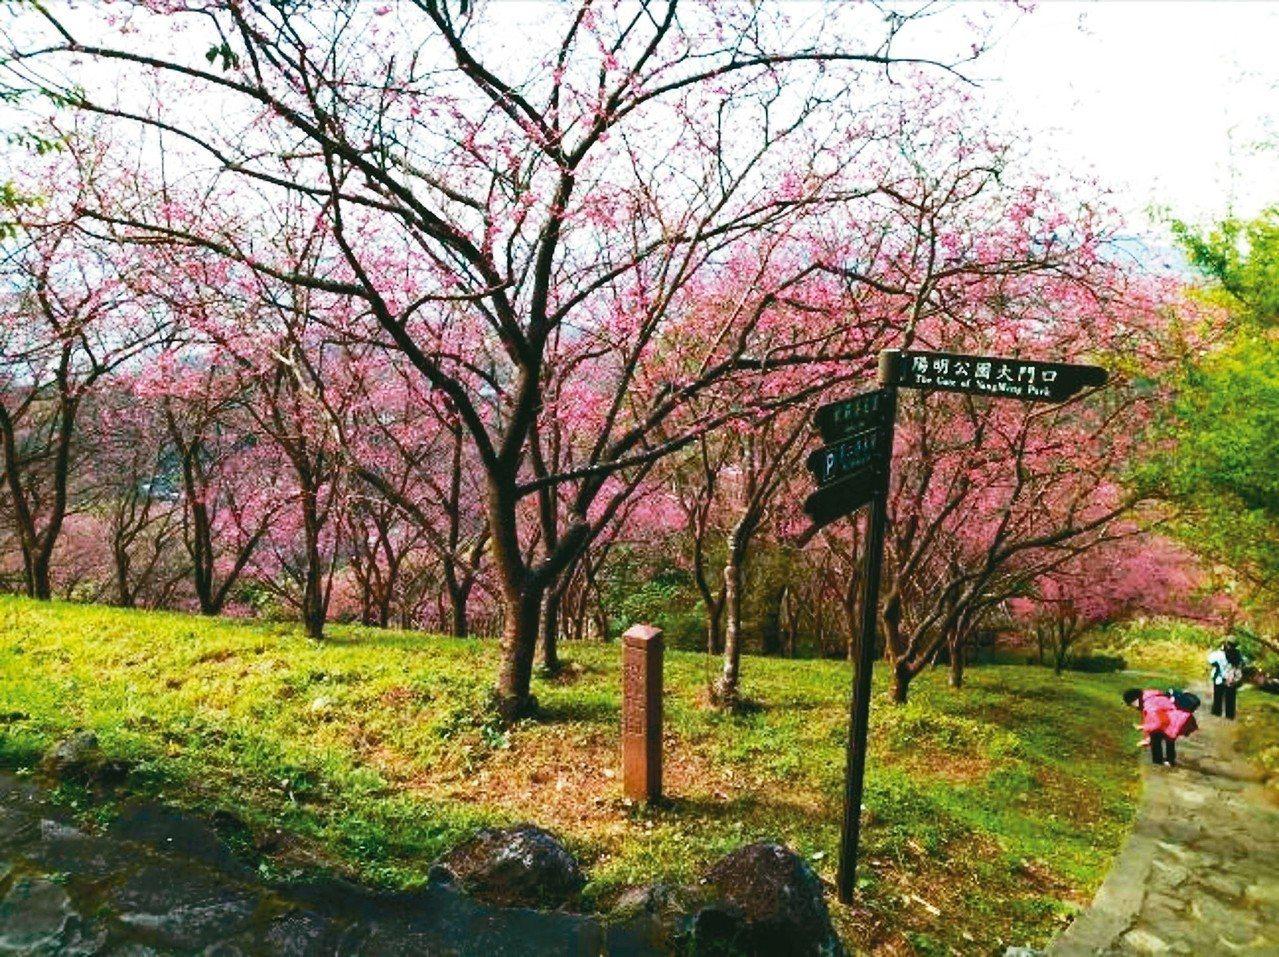 陽明山山櫻花、八重櫻大多進入尾聲,緊接進入盛開期的是昭和櫻,吉野櫻也將綻放。 圖...